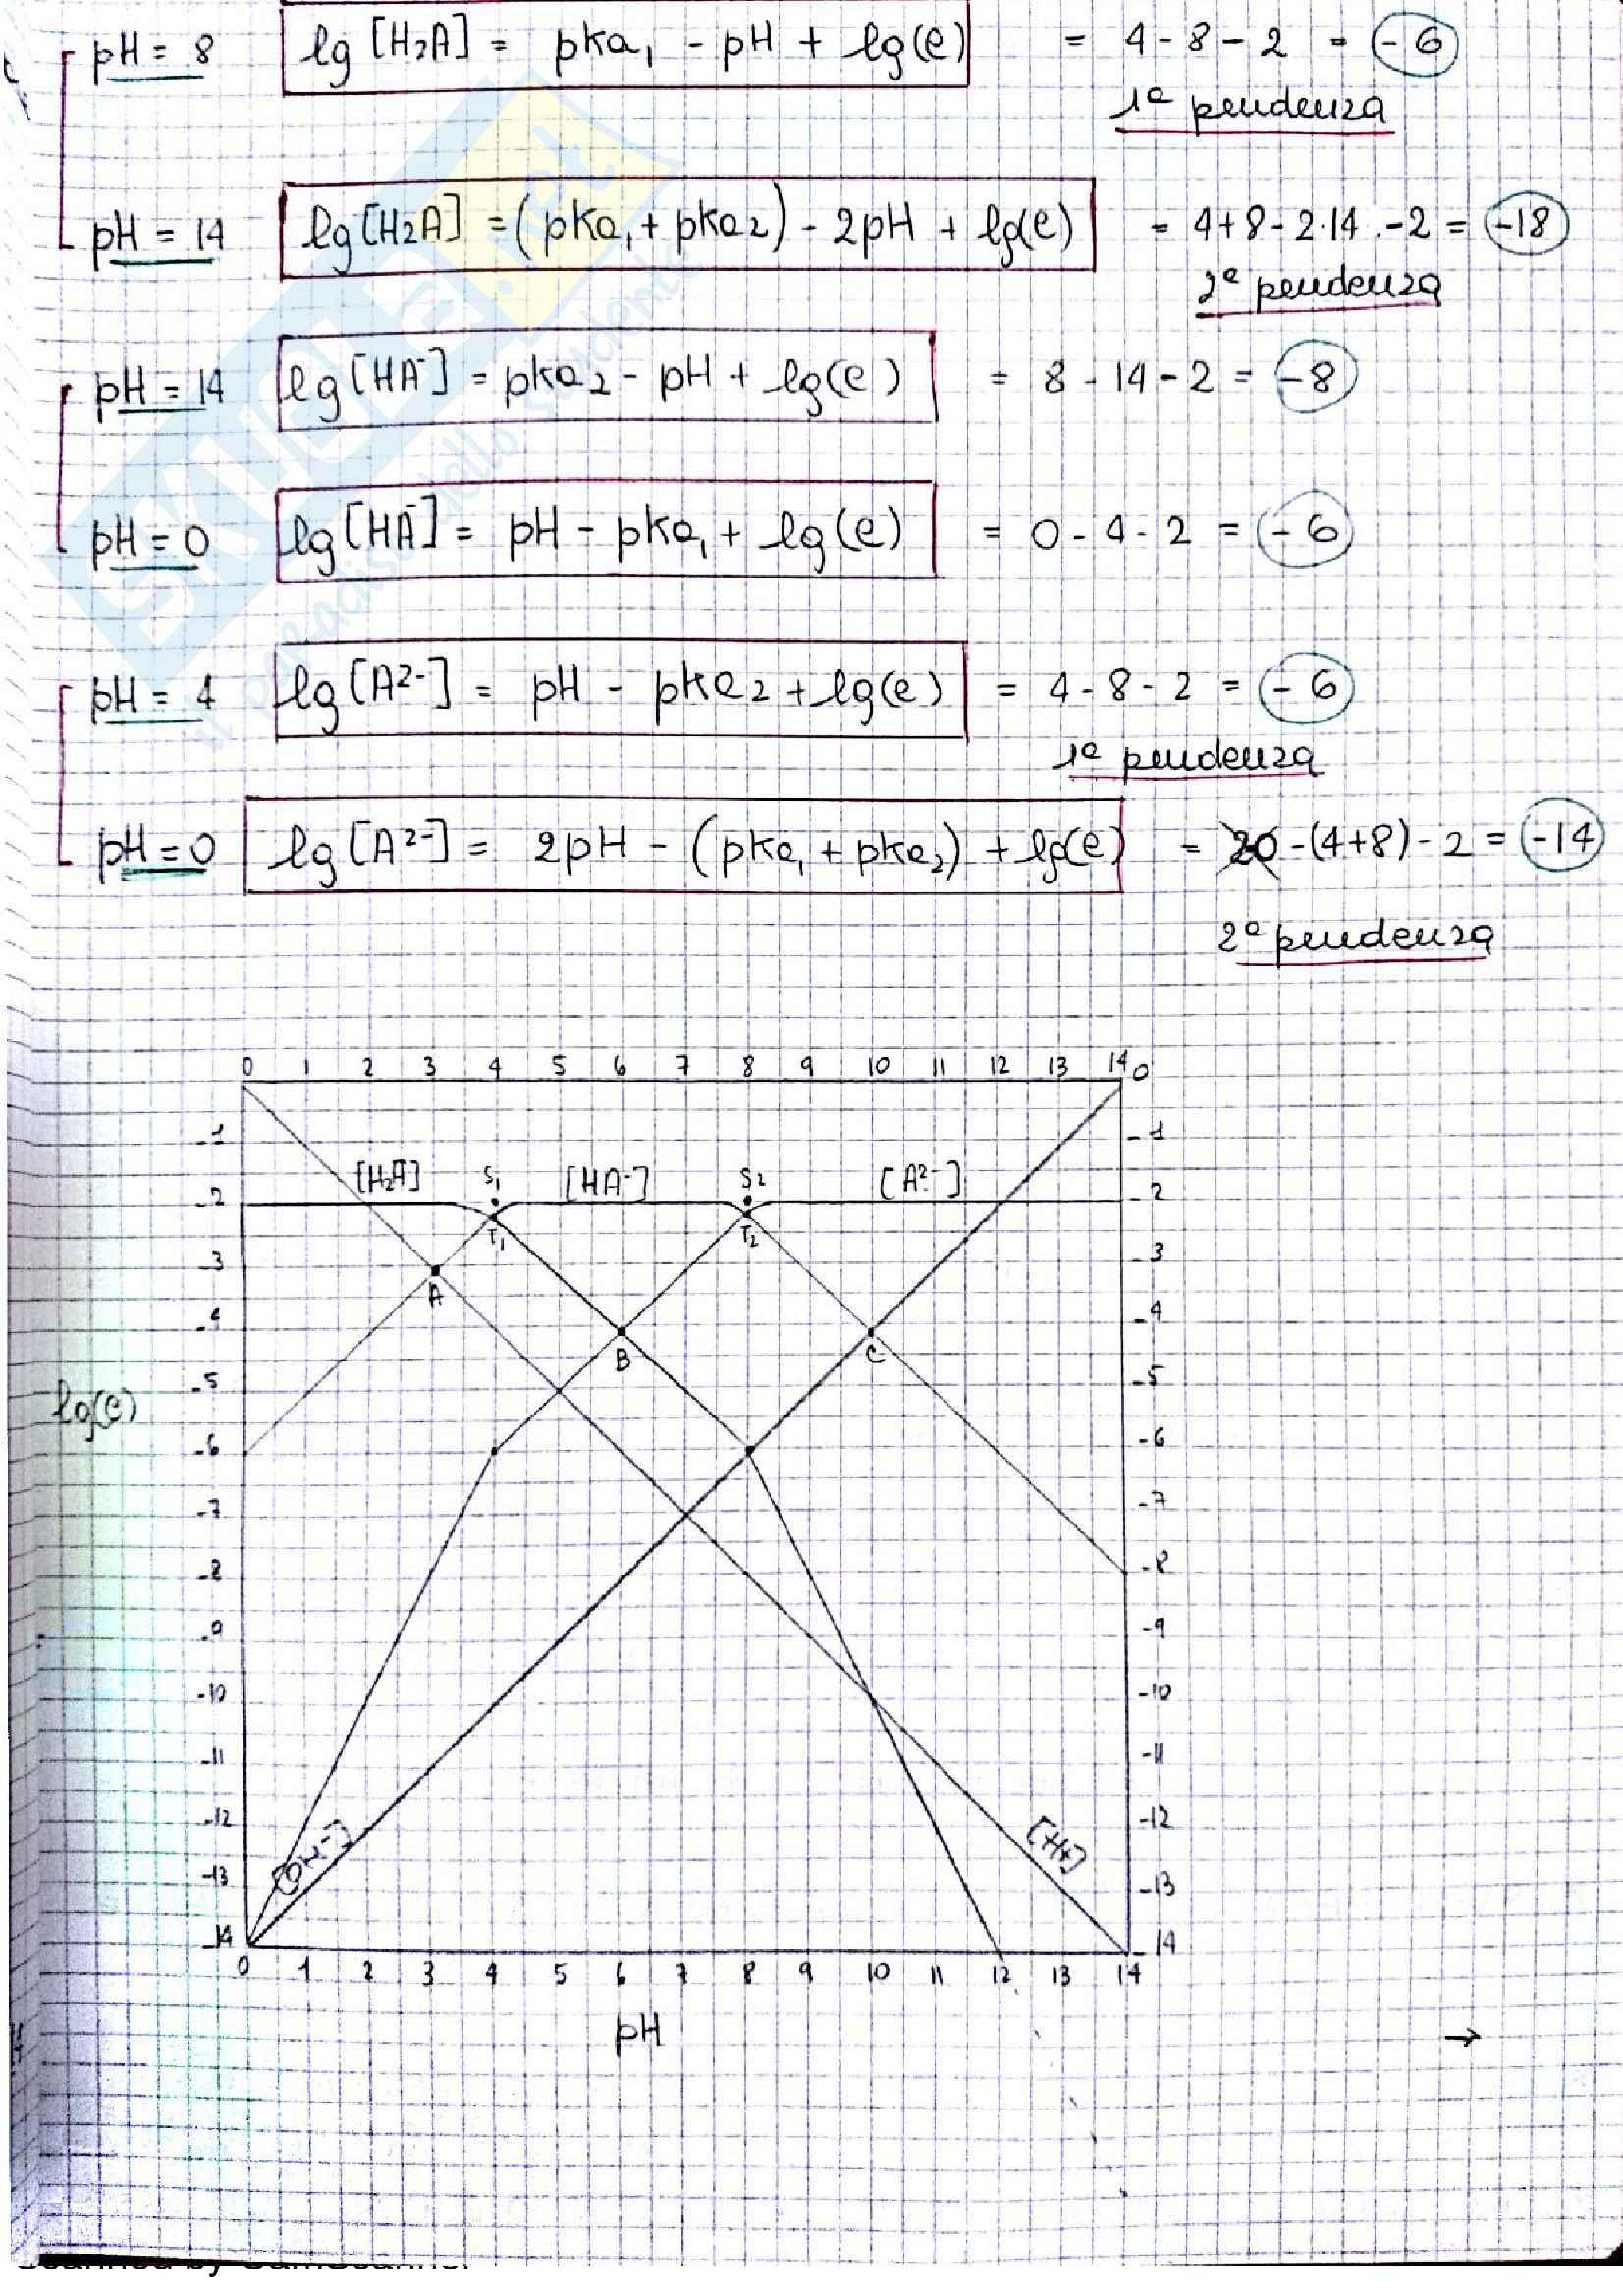 Appunti completi di chimica analitica comprensivi di esercizi d'esame Pag. 16